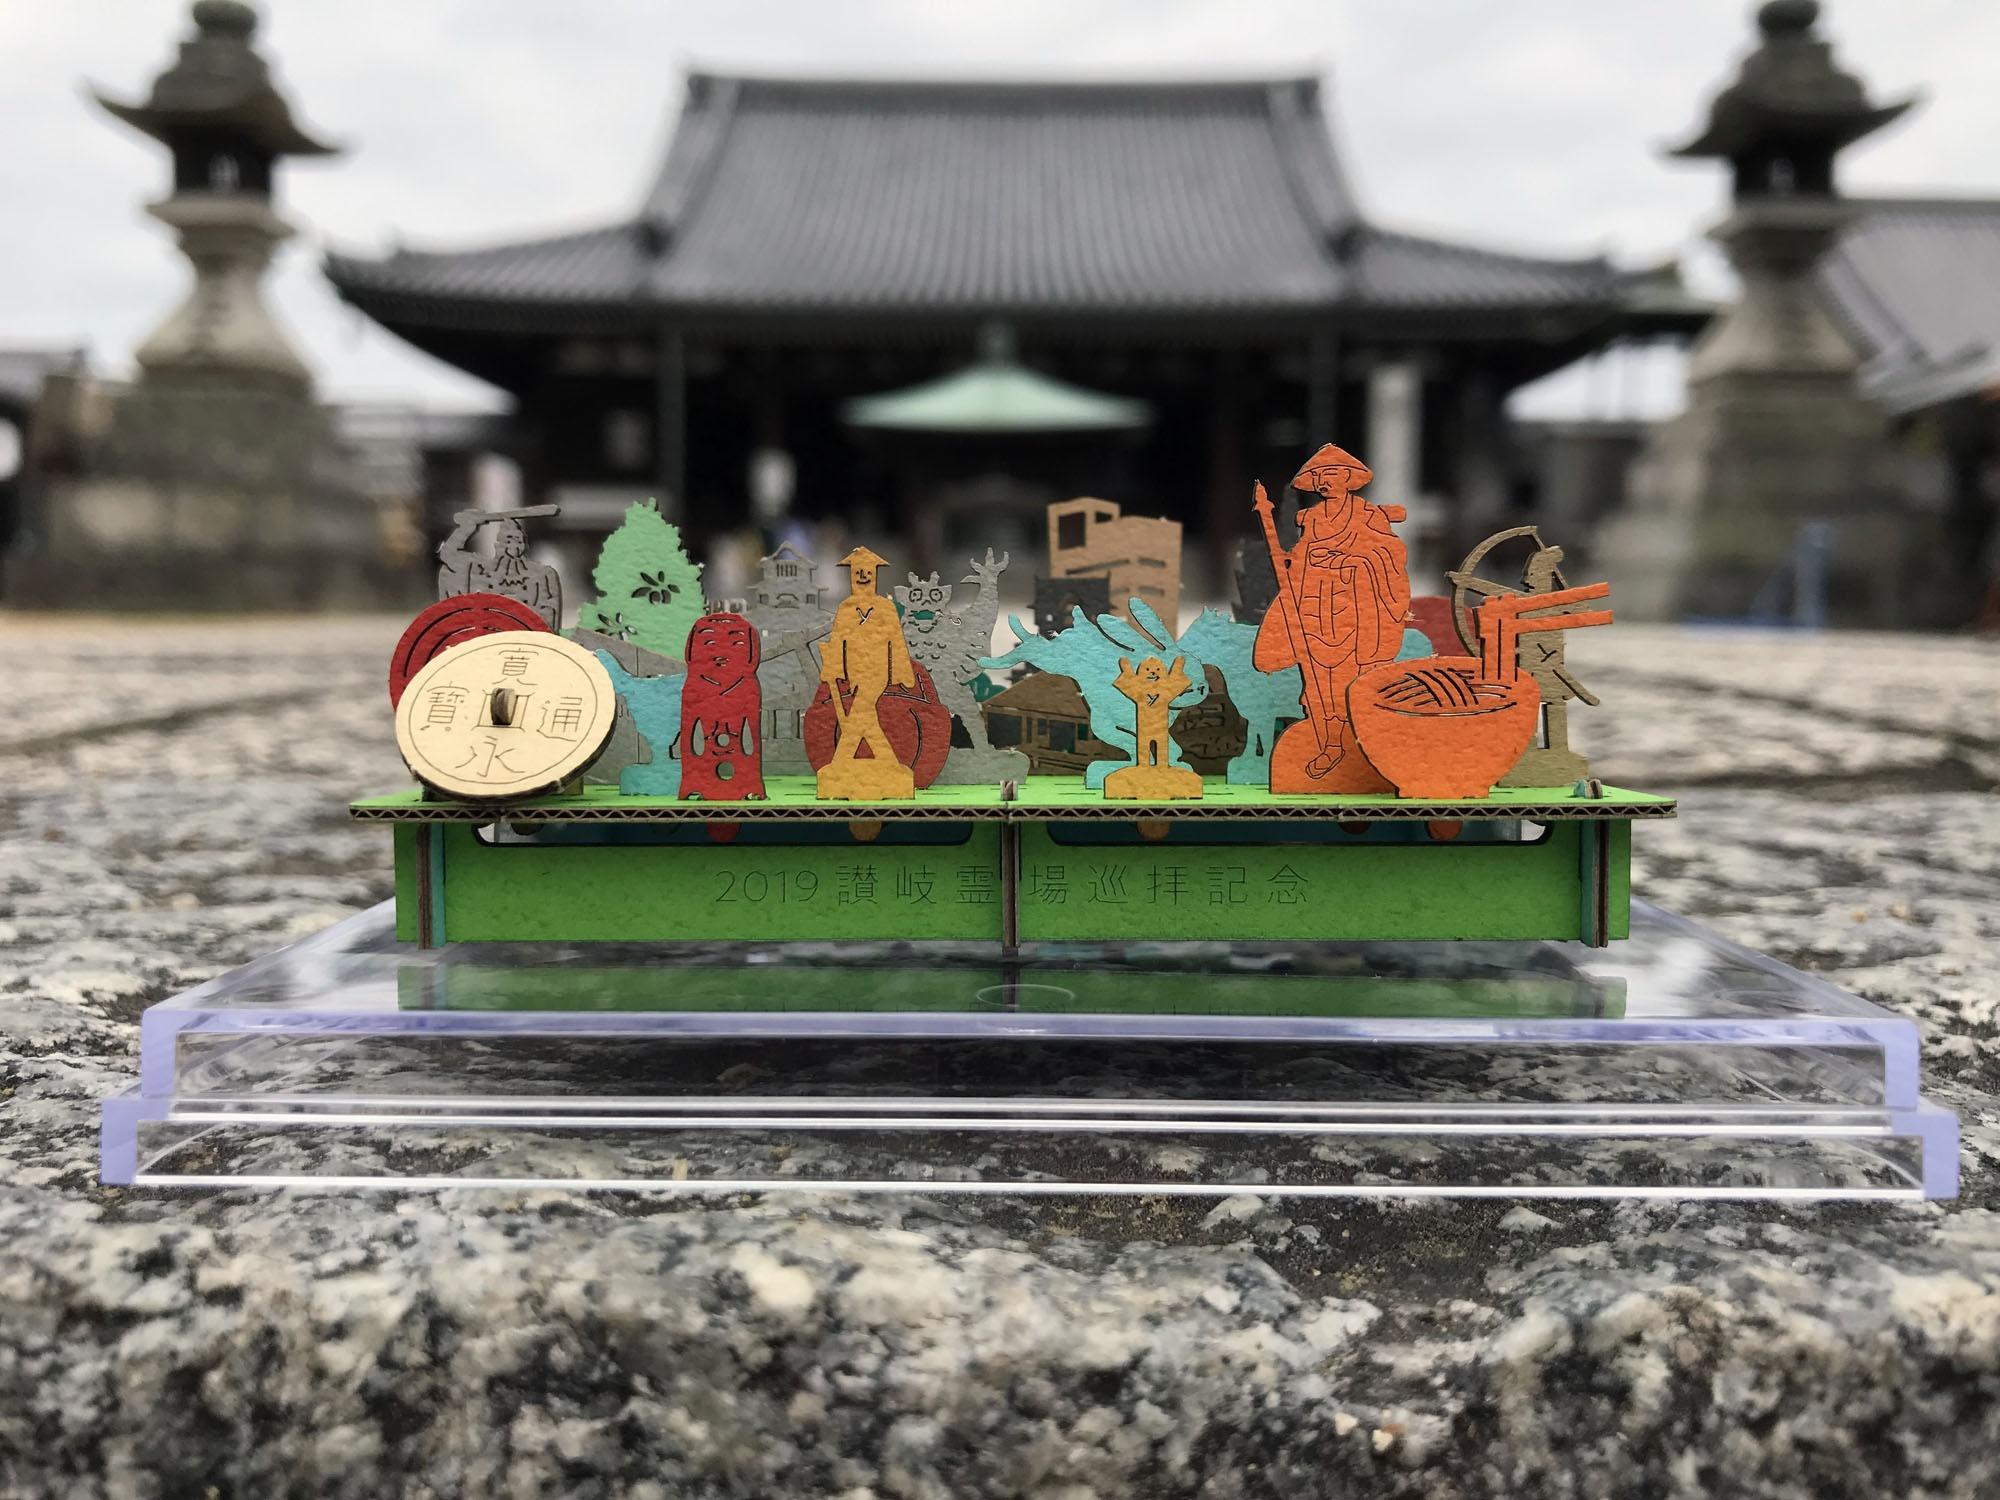 香川の八十八ヶ所霊場23箇所をおへんろをして自分だけのアート